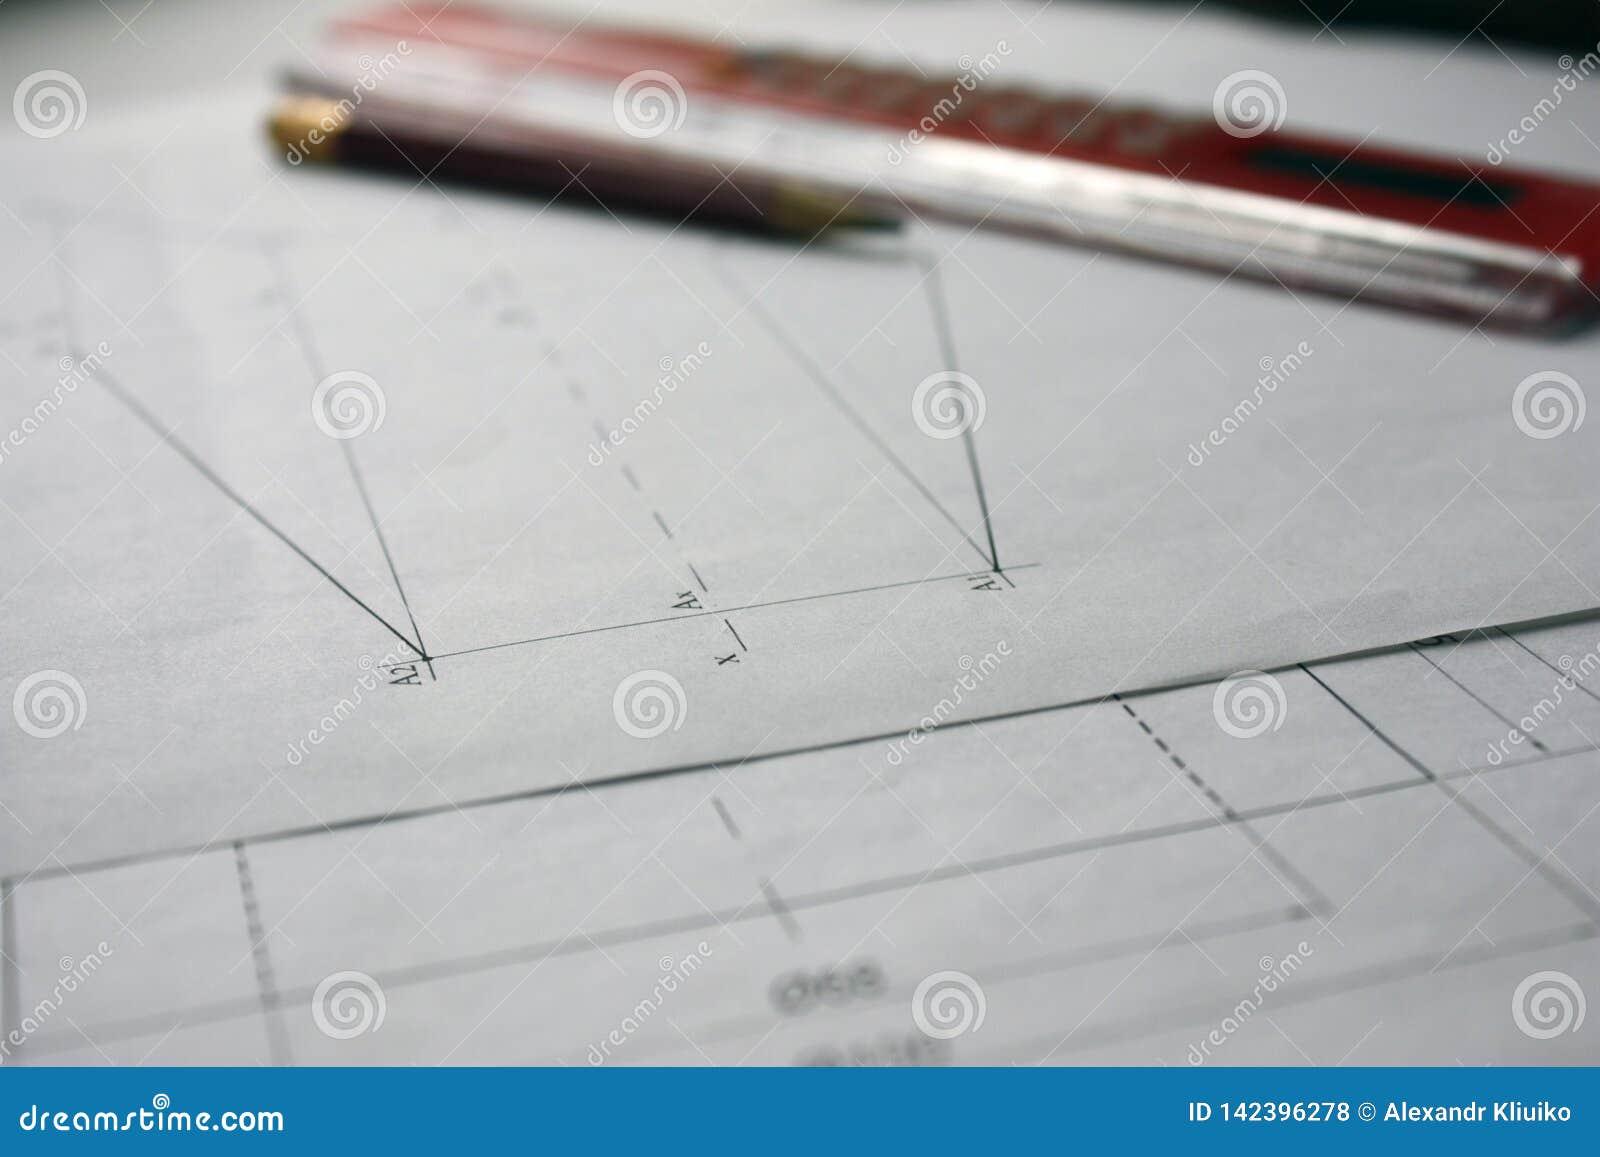 Vorbereitung für Dokumententwürfe, Zeichnungen, Werkzeuge und Diagramme auf dem Tisch